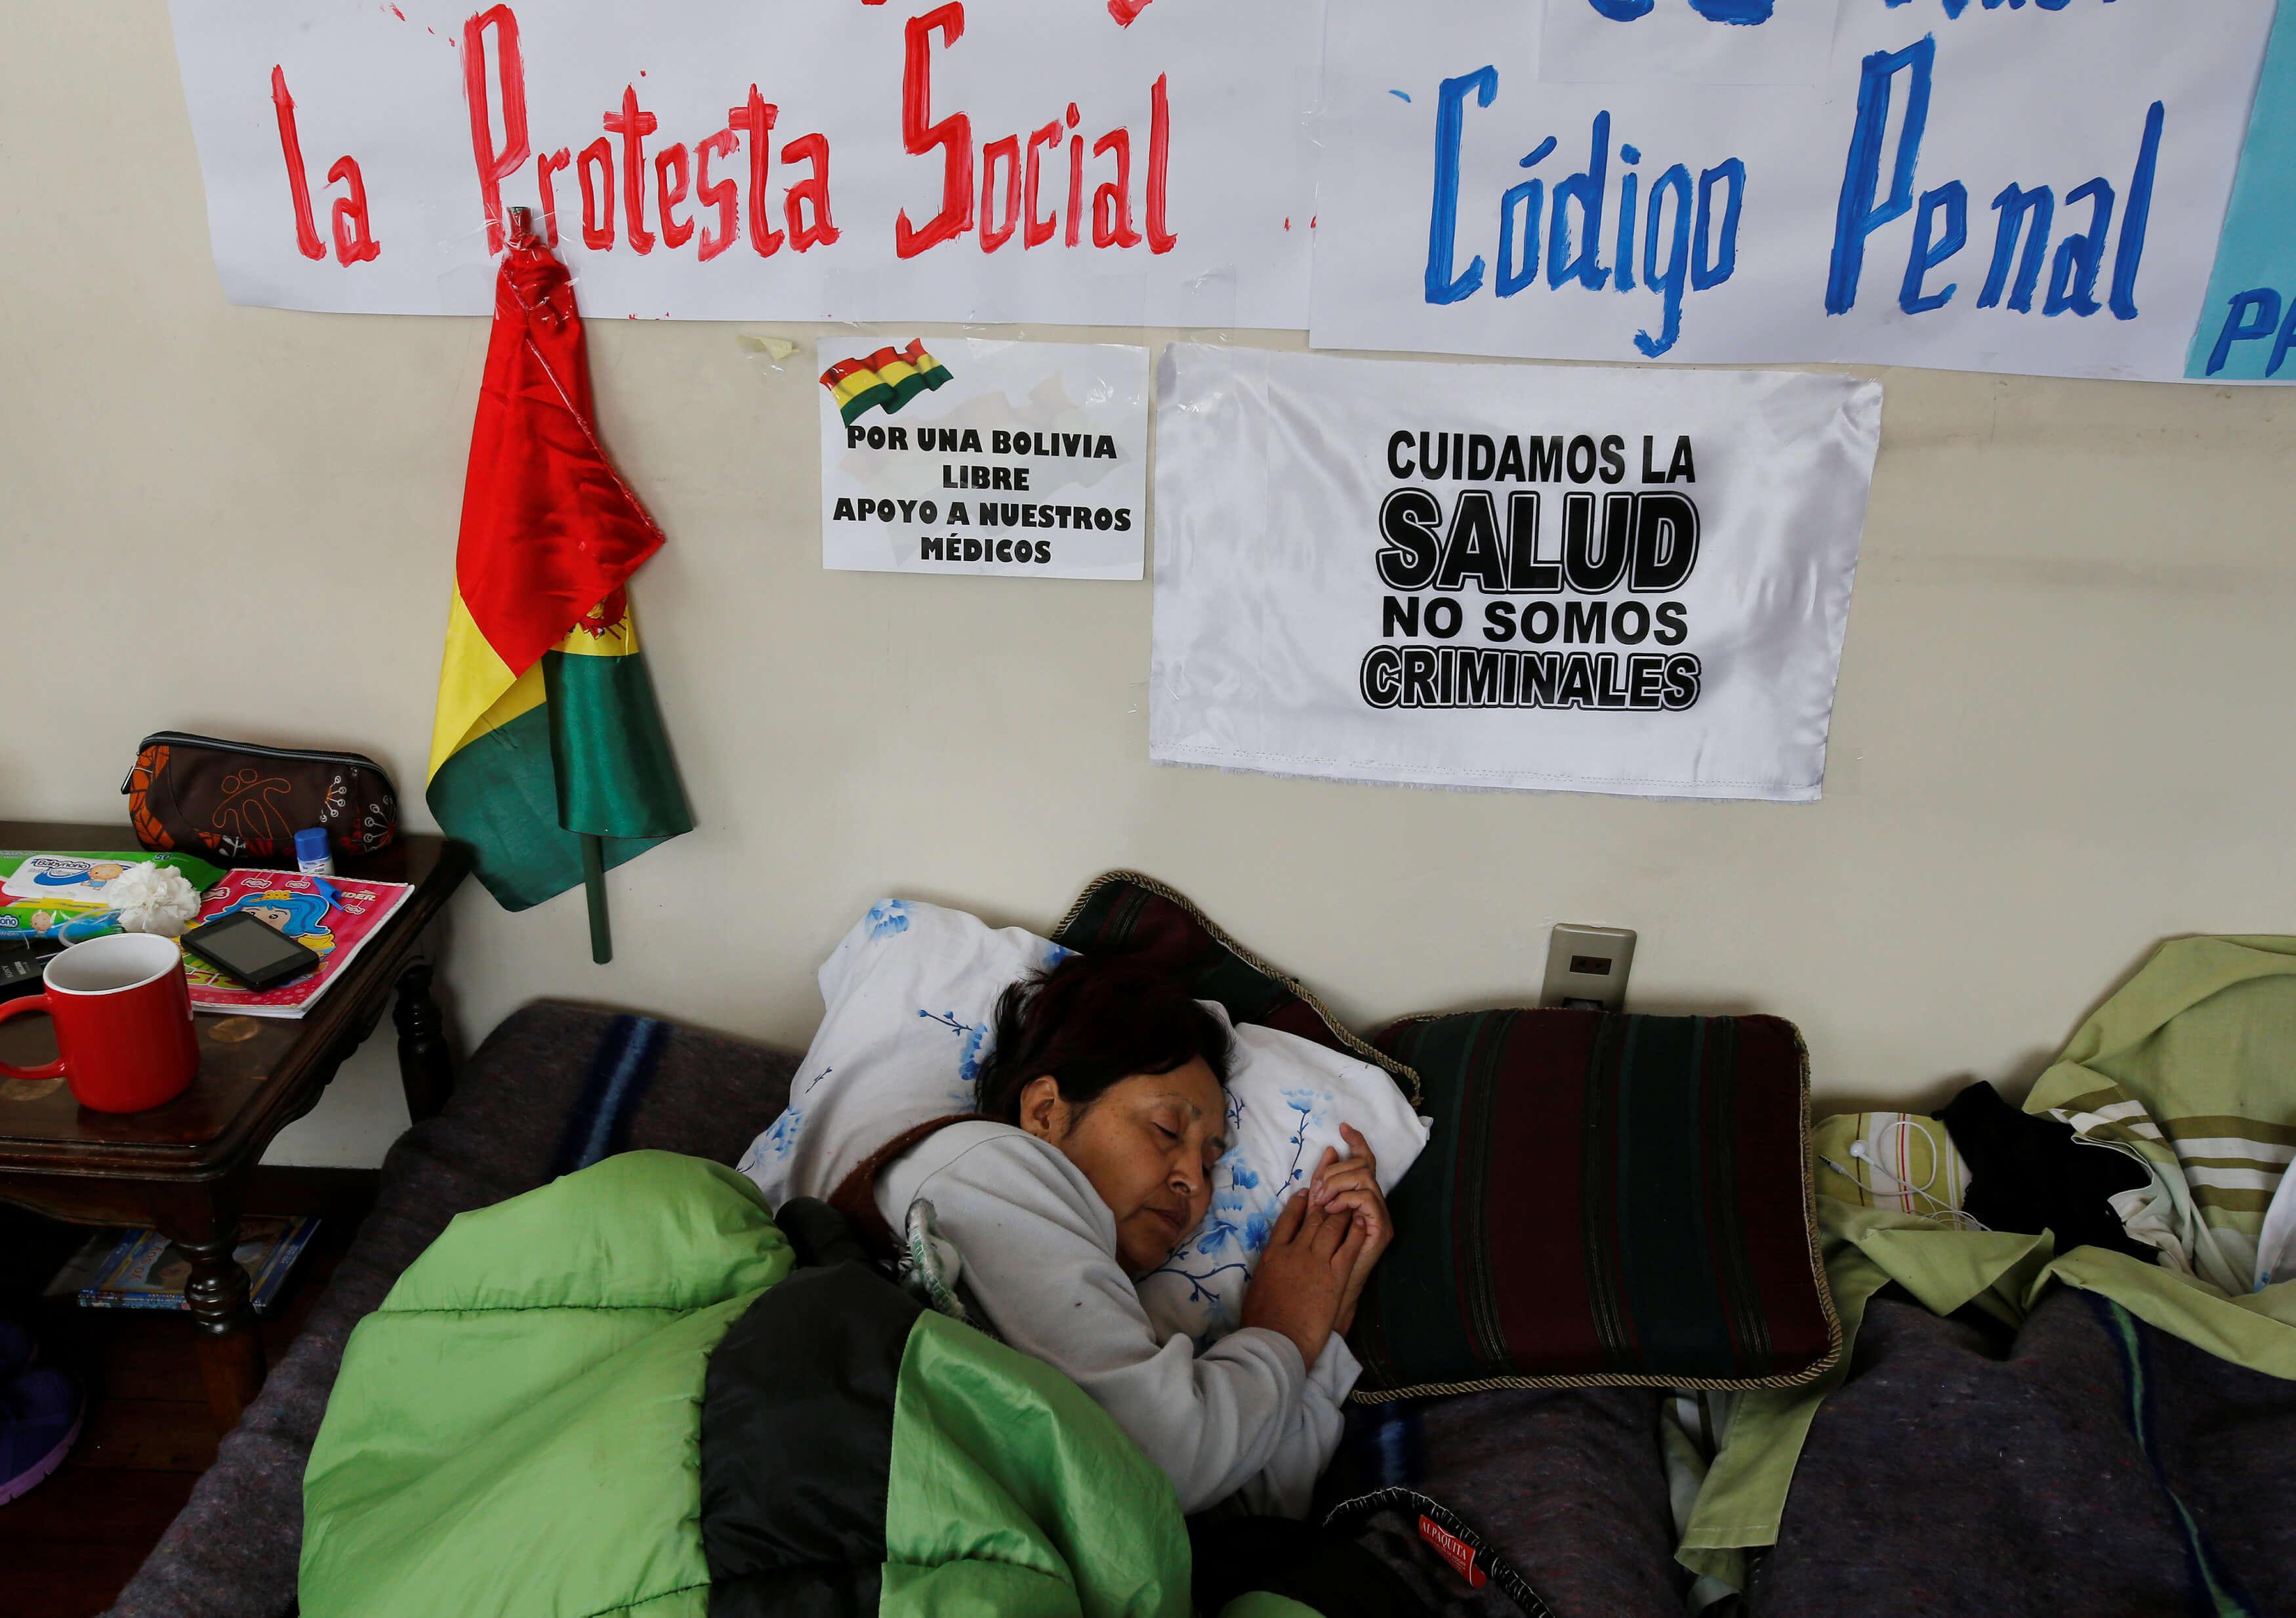 Médicos bolivianos levantan huelga general que duró 47 días